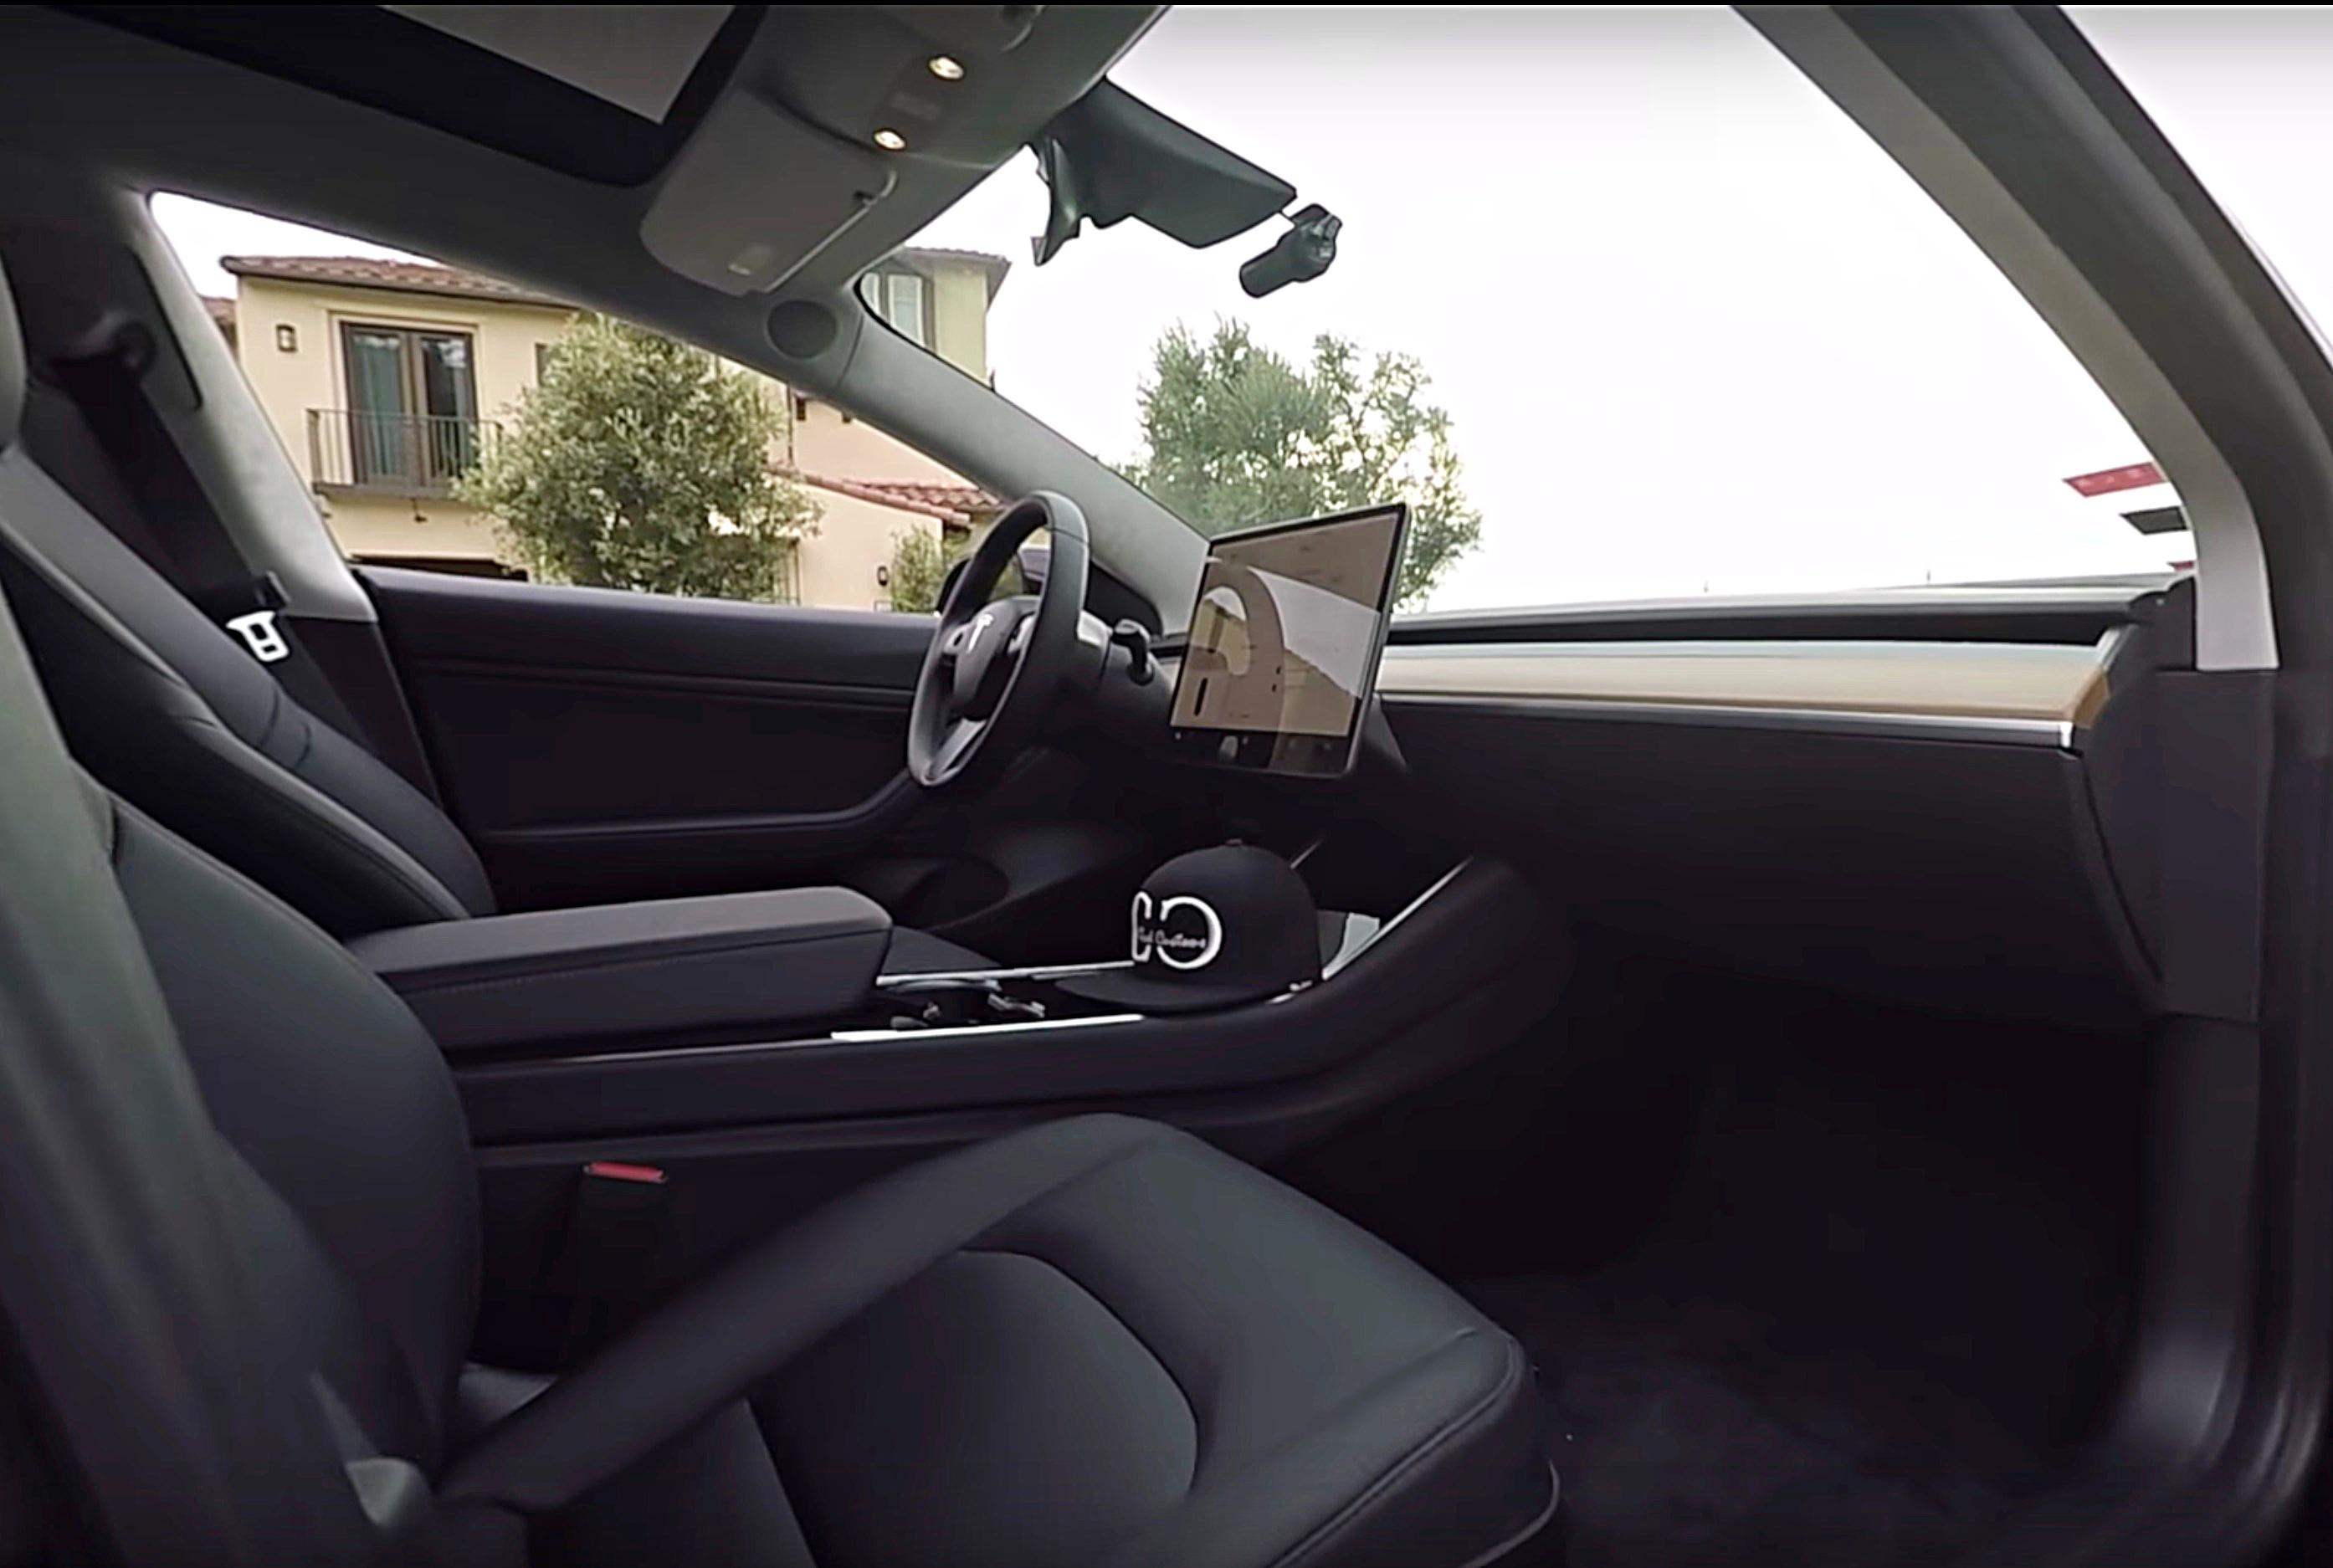 Installing A Tesla Model 3 Dashcam Solution From Blackvue